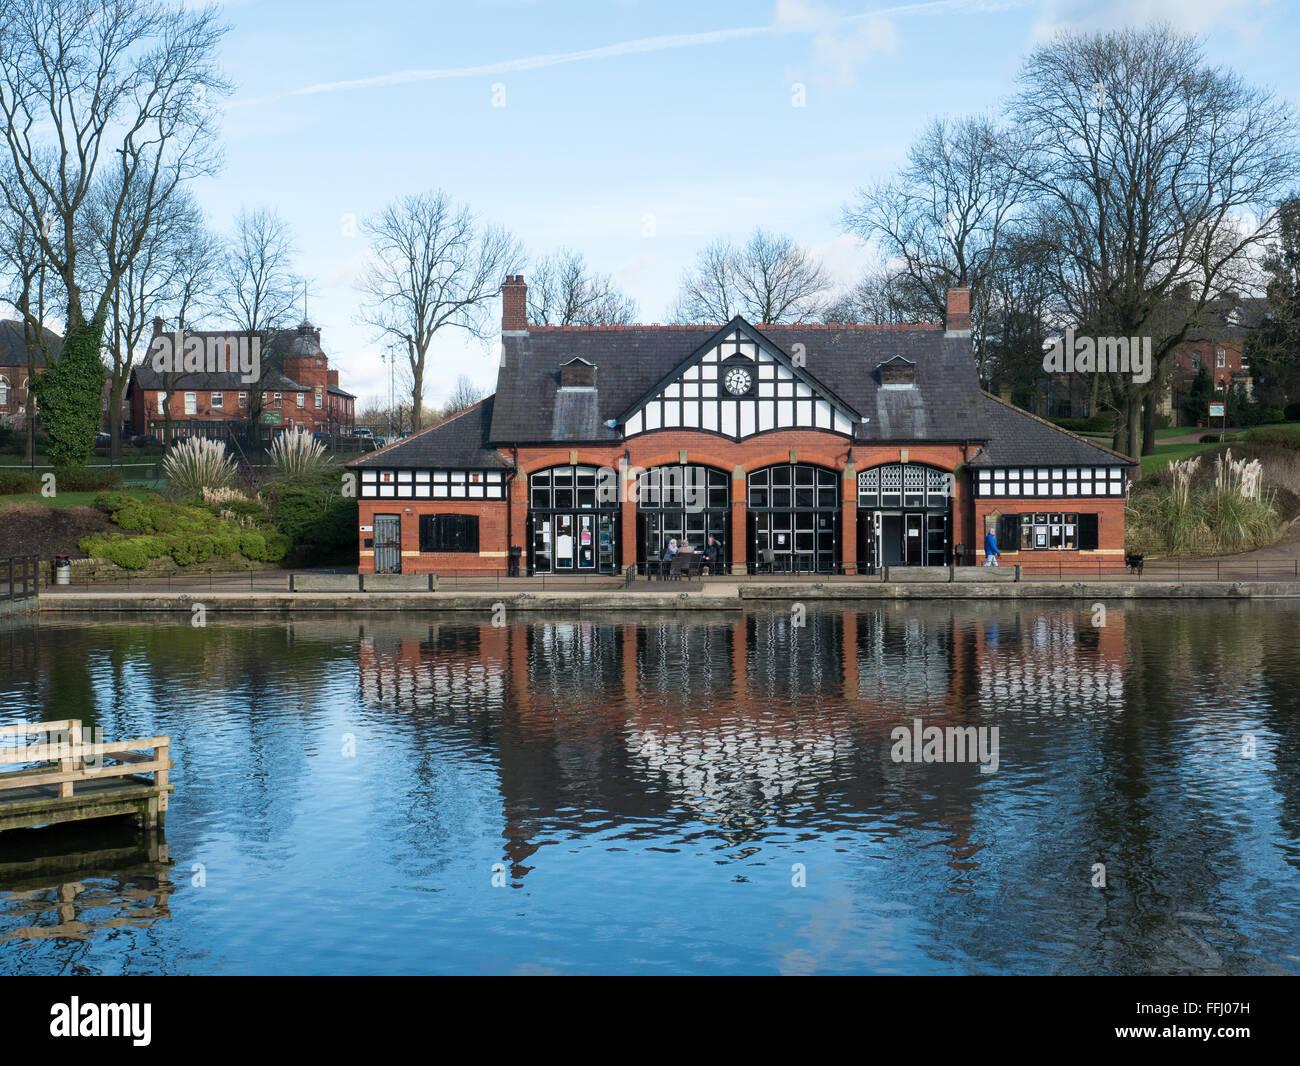 Boathouse cafe at Alexandra Park, Oldham - Stock Image